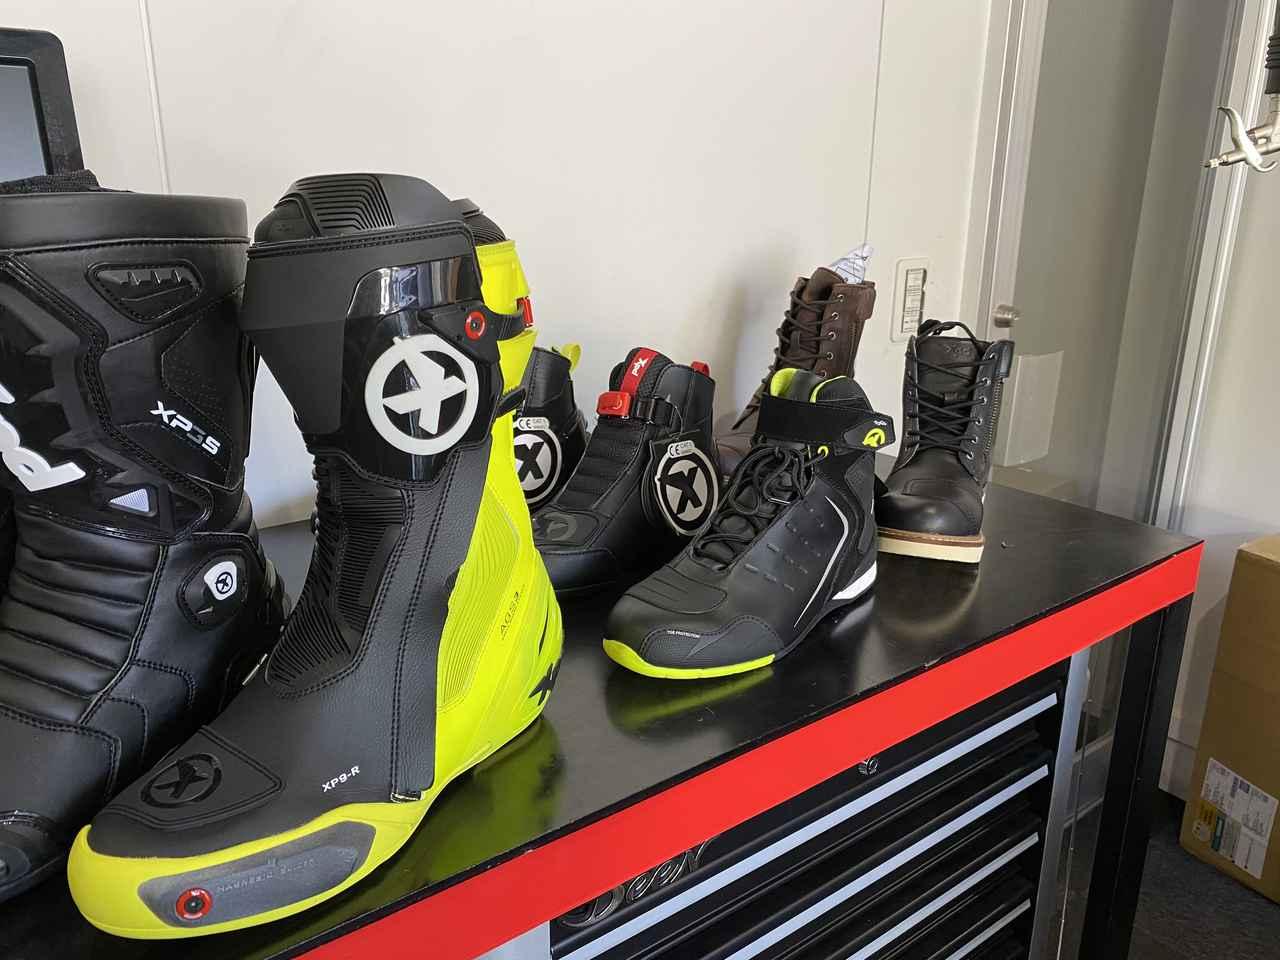 画像: XPDさんのブーツが並んでいます。 前にあるブーツやシューズのイメージが私は強かったので、後ろにあるブーツに釘付けでした!